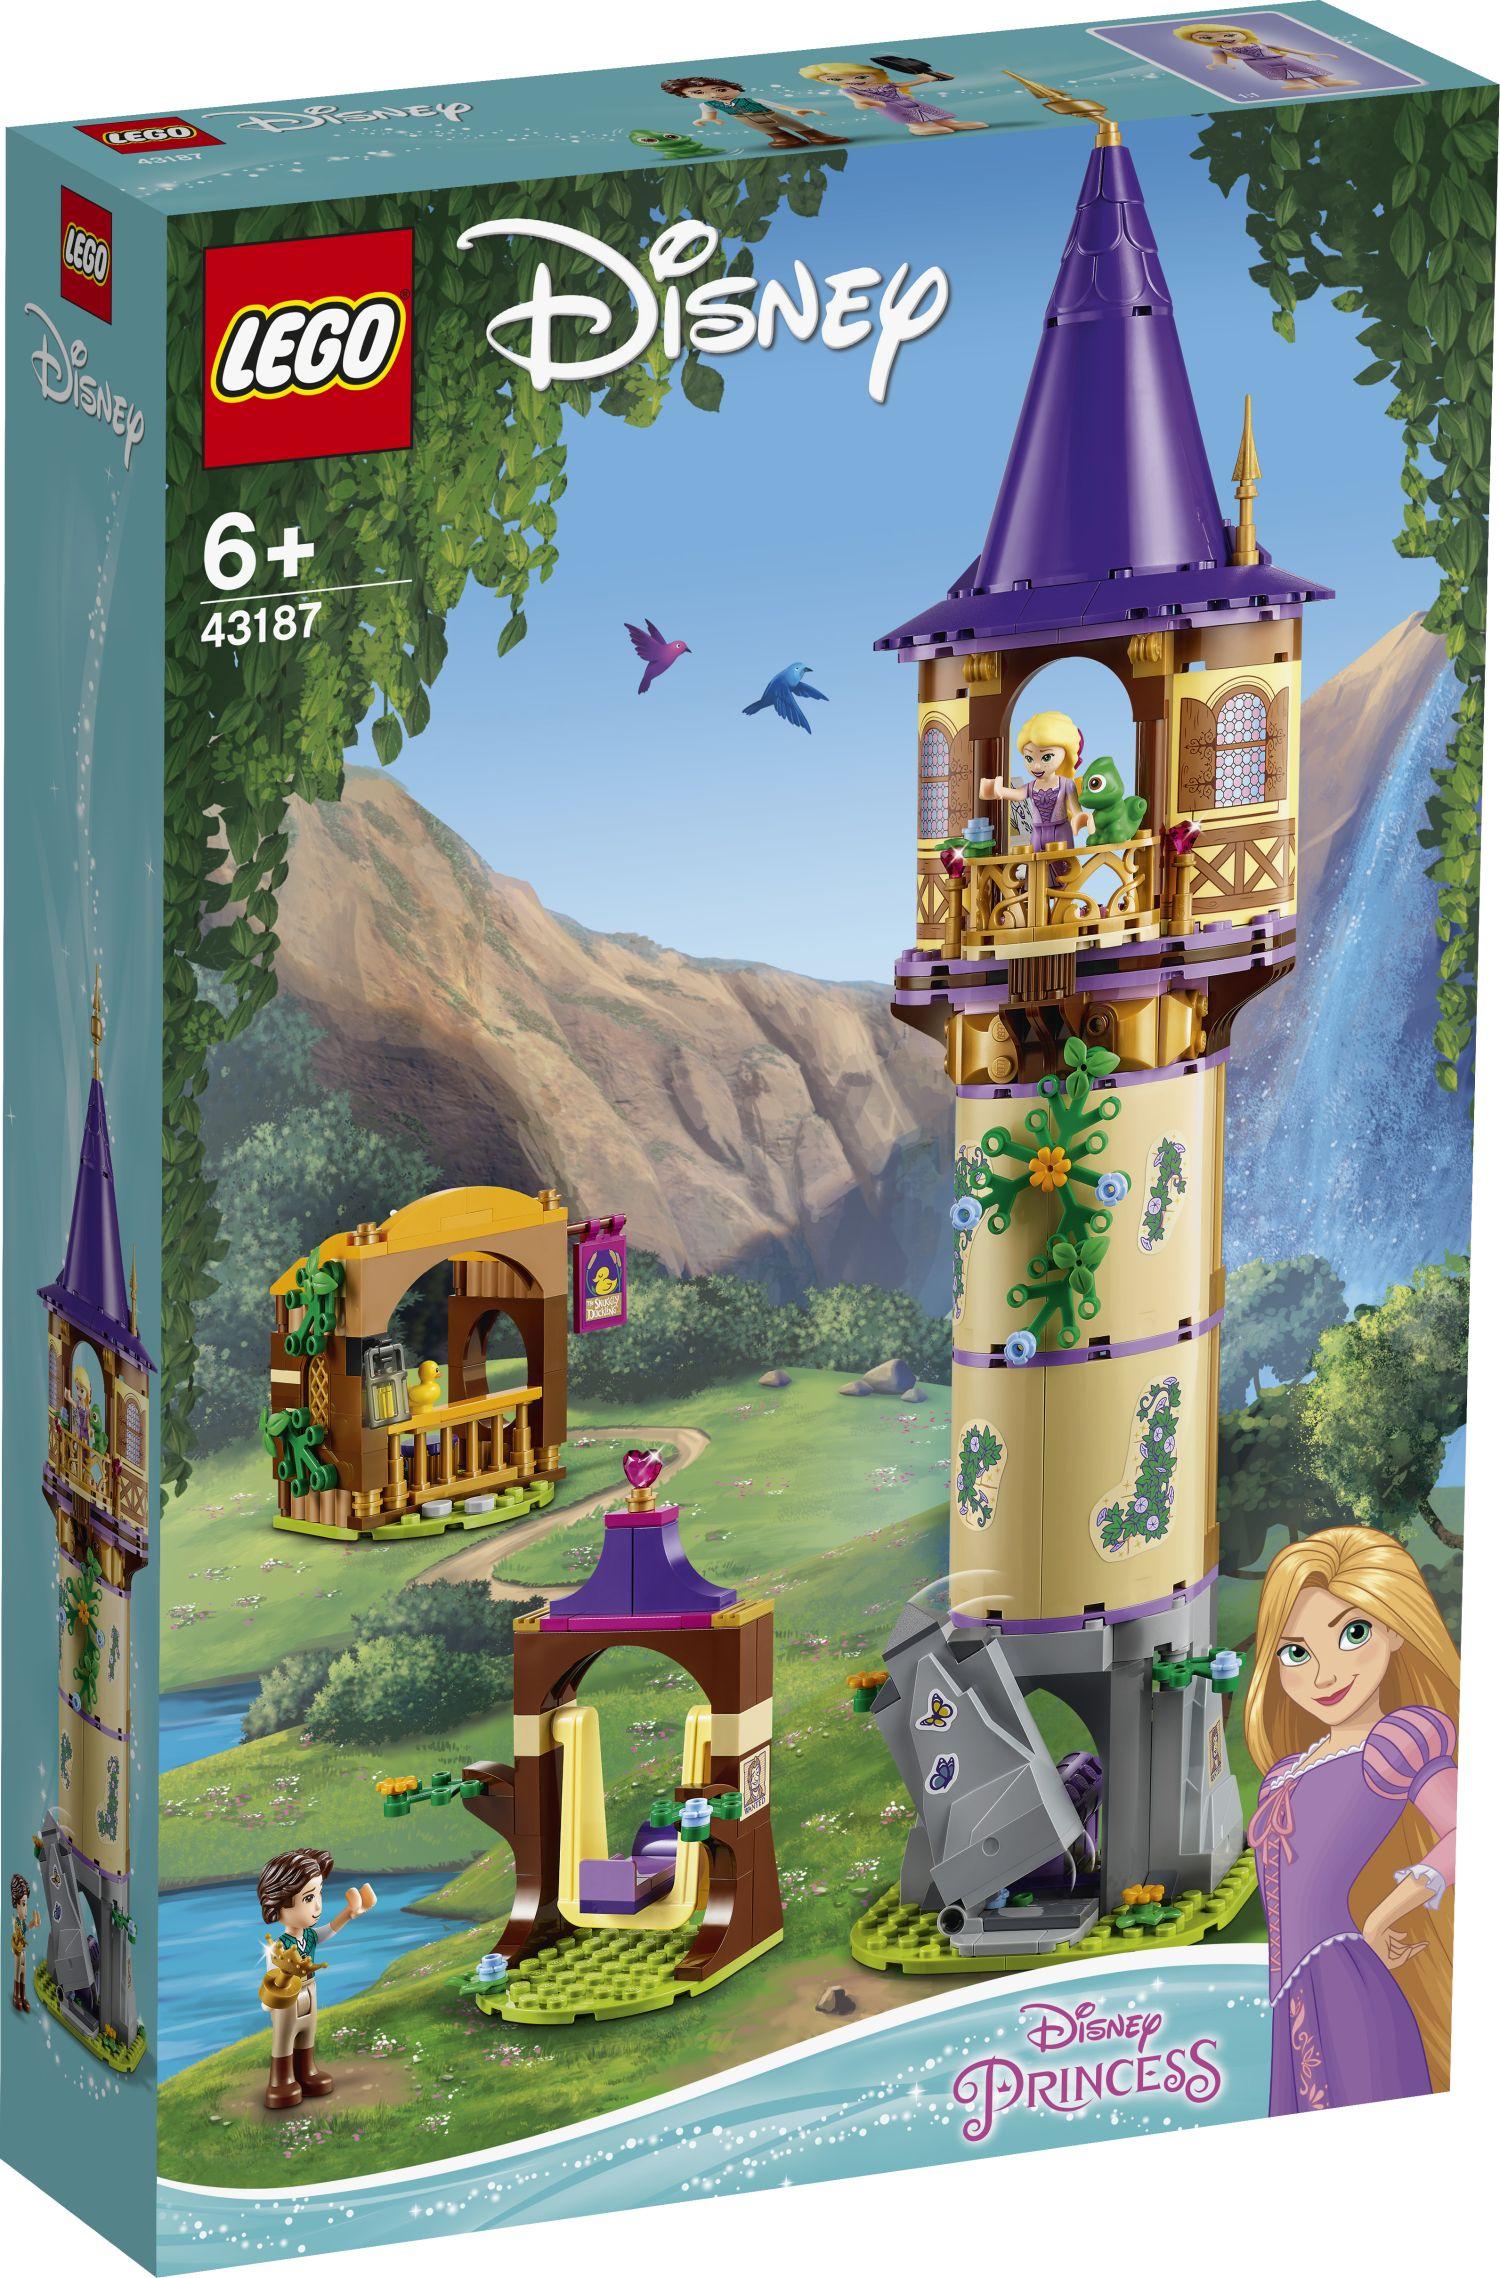 Brickfinder New Lego Disney Princess 2020 Official Images